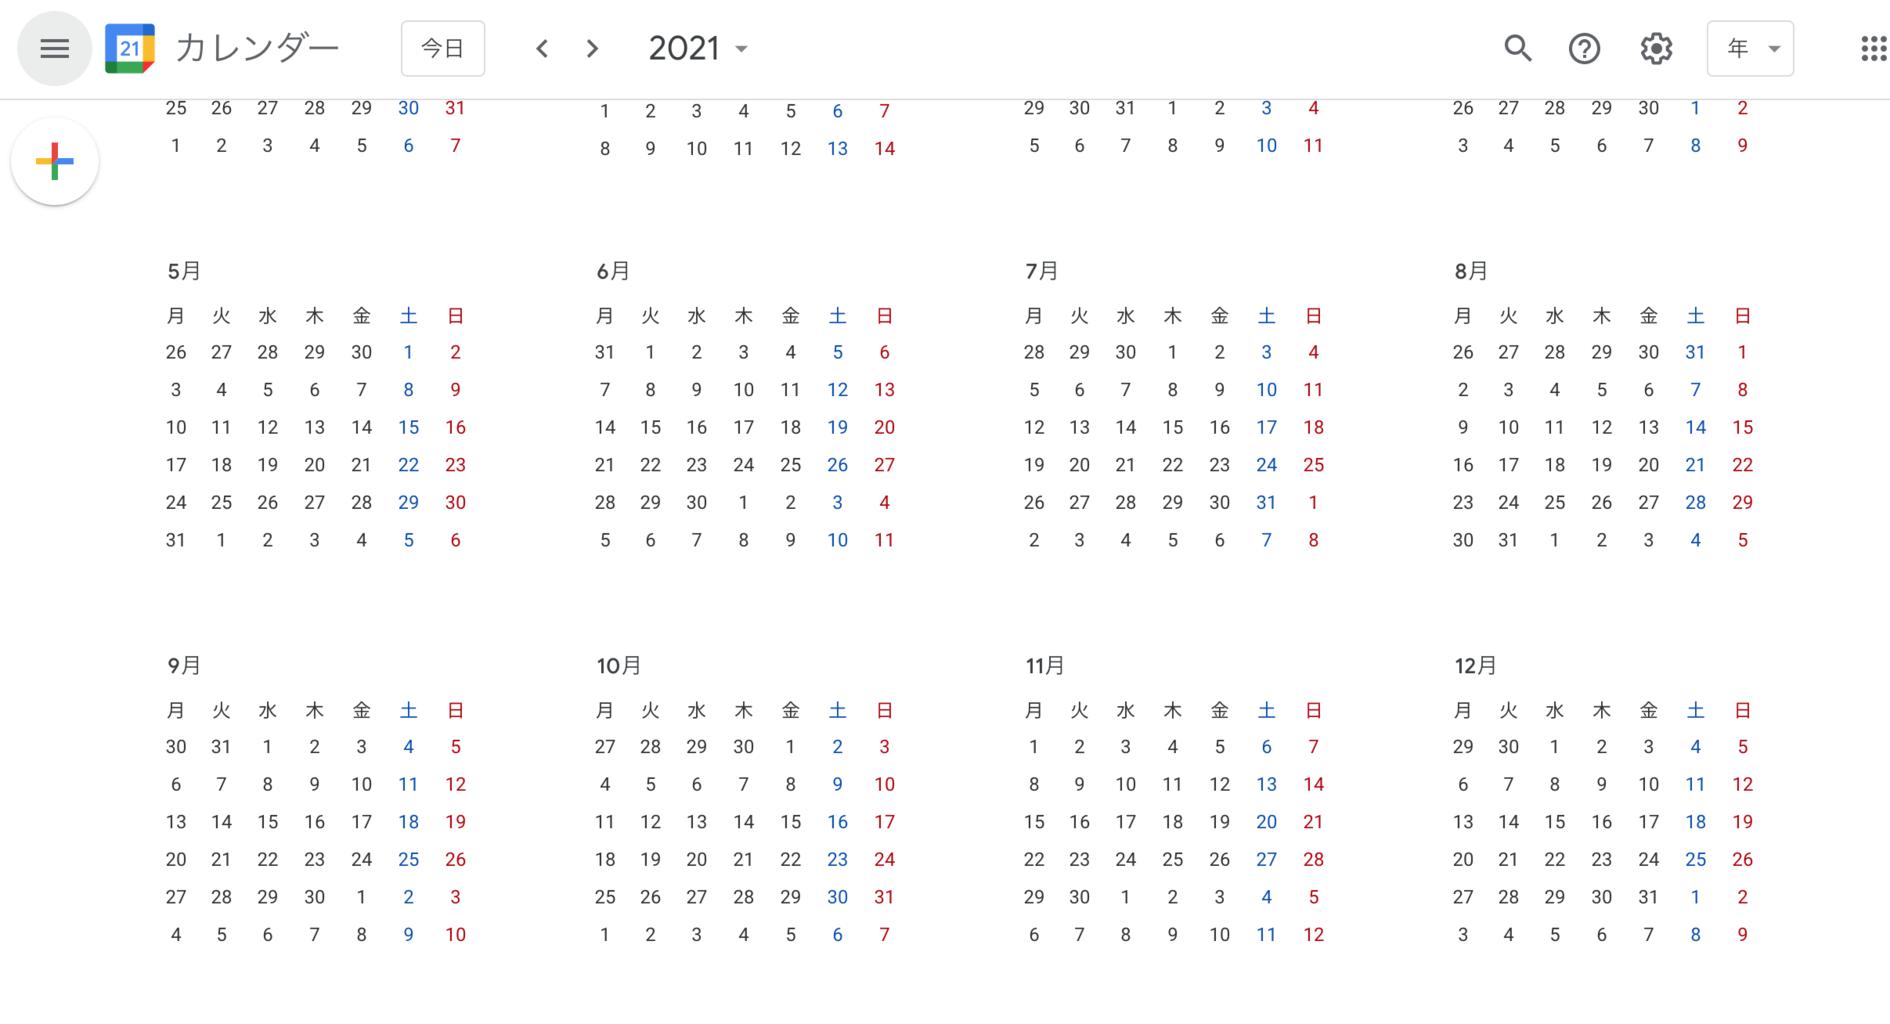 【便利機能】Googleカレンダーをさらに使いやすくする方法とチョイ技6選!